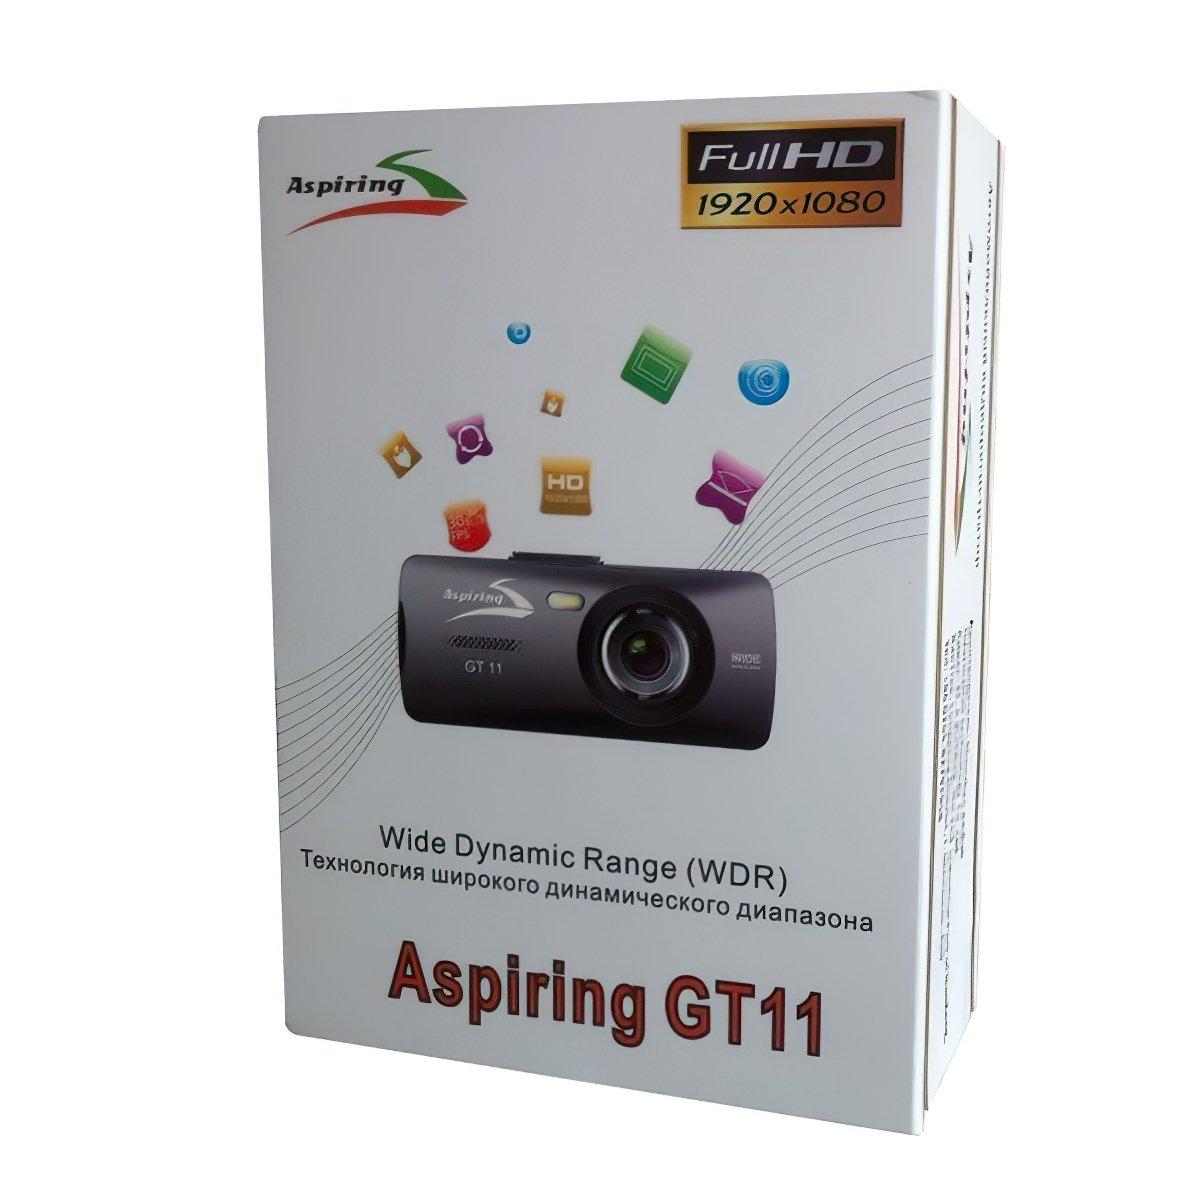 Видеорегистратор Aspiring GT11 FHD (Aspiring GT11) фото 5